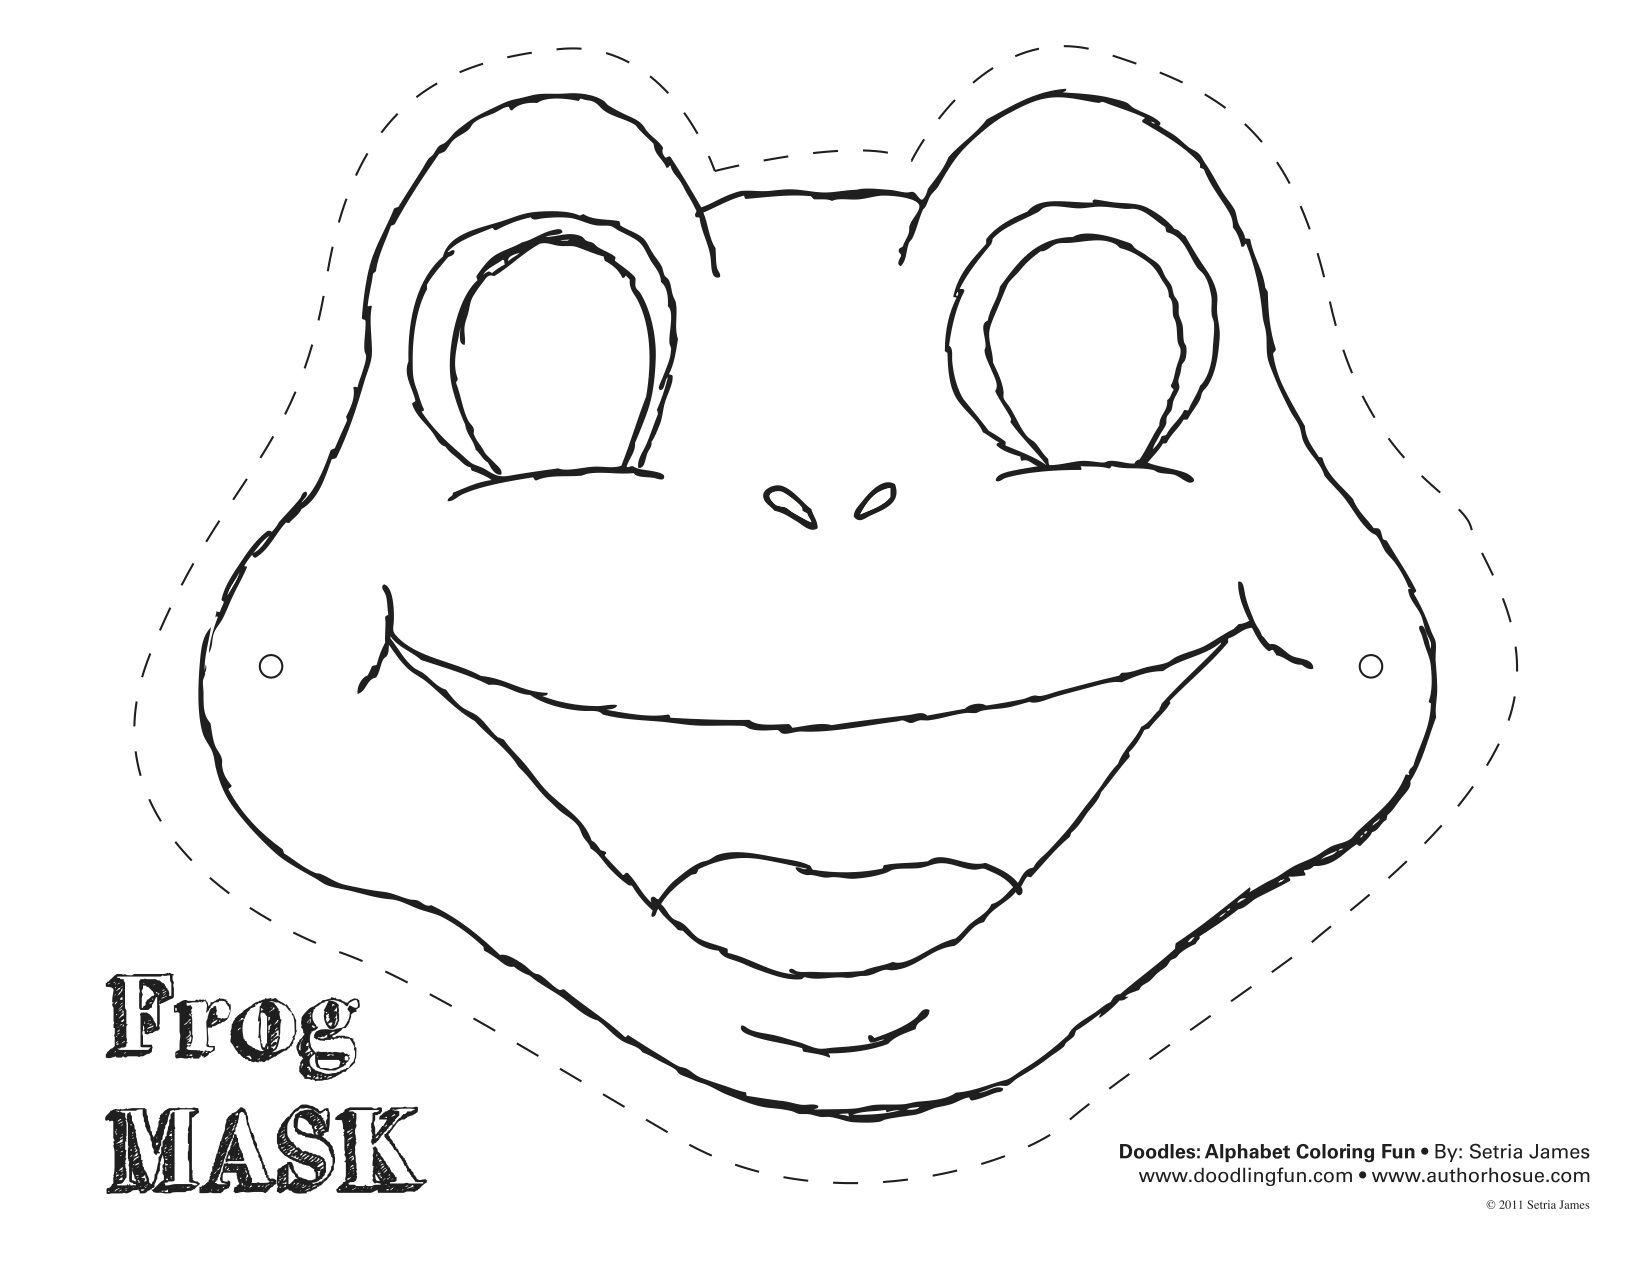 http://moziru.com/explore/Drawn%20mask%20leather%20mask/#